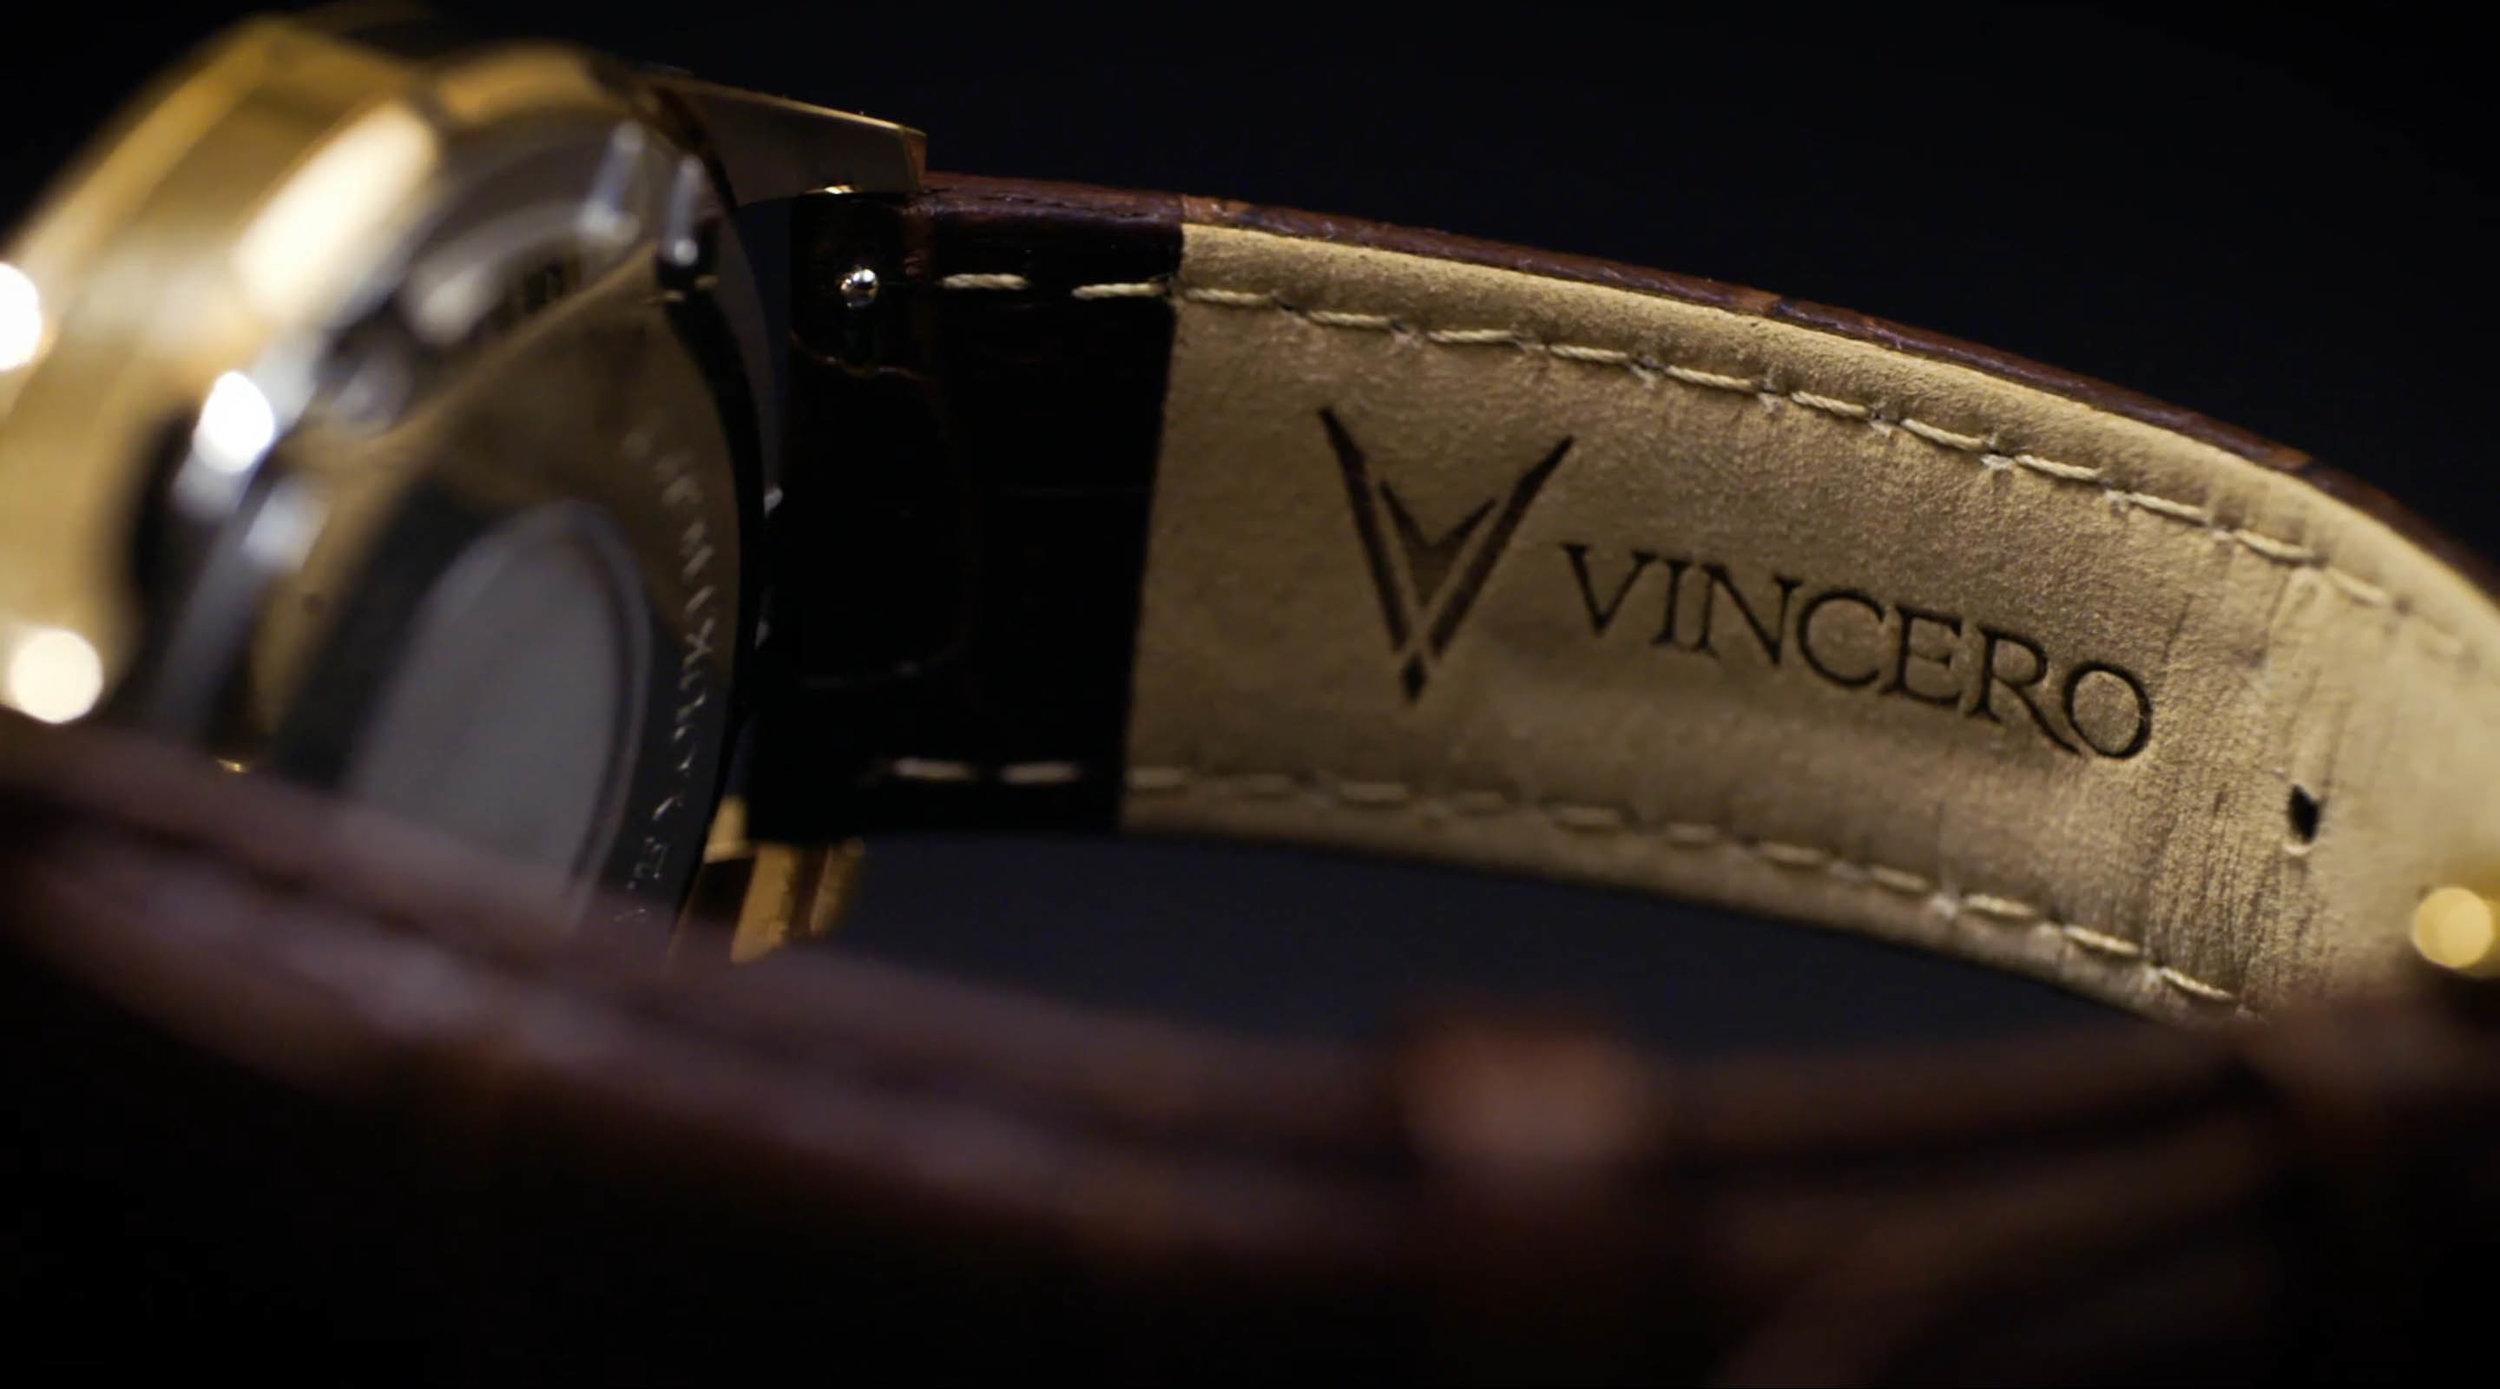 Vincero Luxury Watch Video.jpg